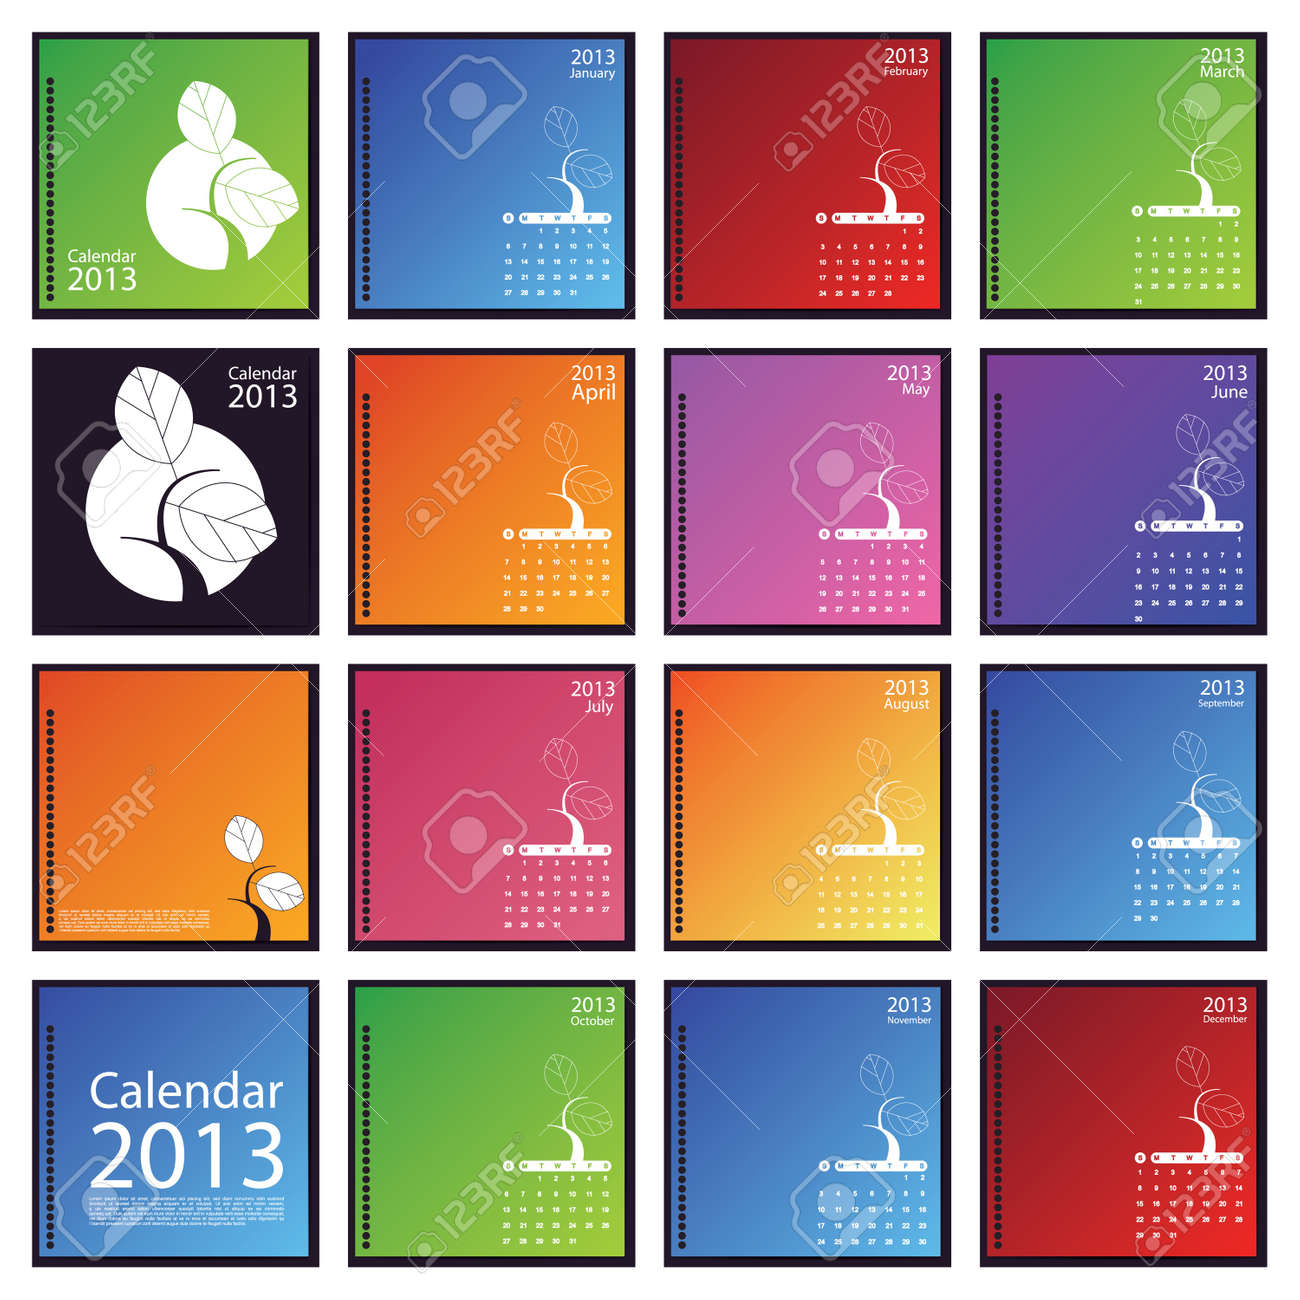 Calendar 2013 Stock Vector - 16699736